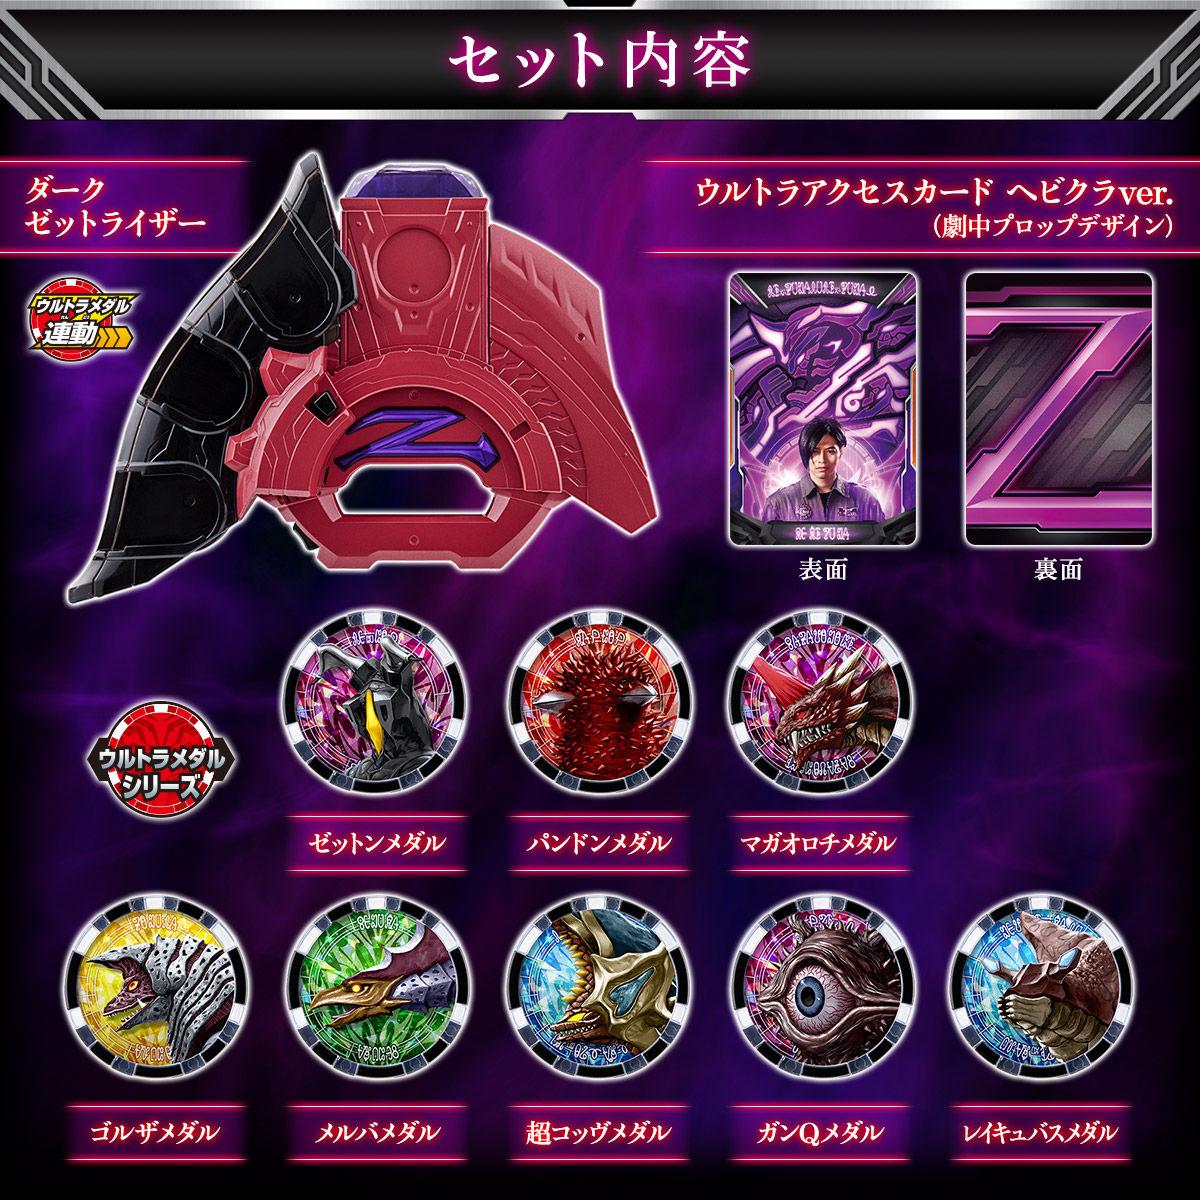 【限定販売】ウルトラマンZ『DXダークゼットライザー』ウルトラマンゼット 変身なりきり-003